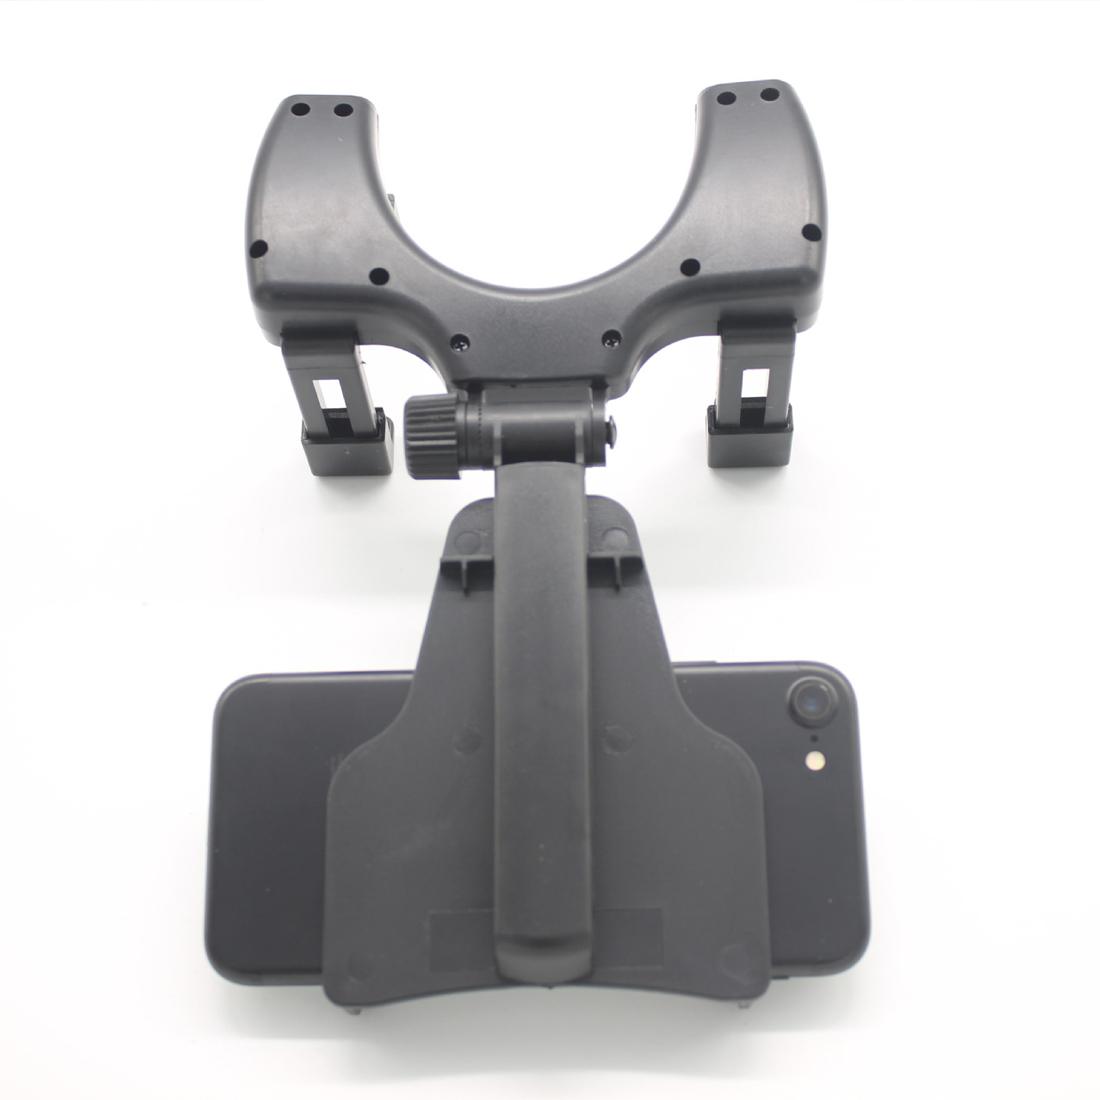 [해외]Dewtreetali 유니버설 조정 가능한 자동차 자동 사이드 미러 마운트 휴대 전화 홀더 브래킷은 휴대 전화 GPS를스탠드/Dewtreetali Universal Adjustable Car Auto Rearview Mirror Mount Cell Phone H